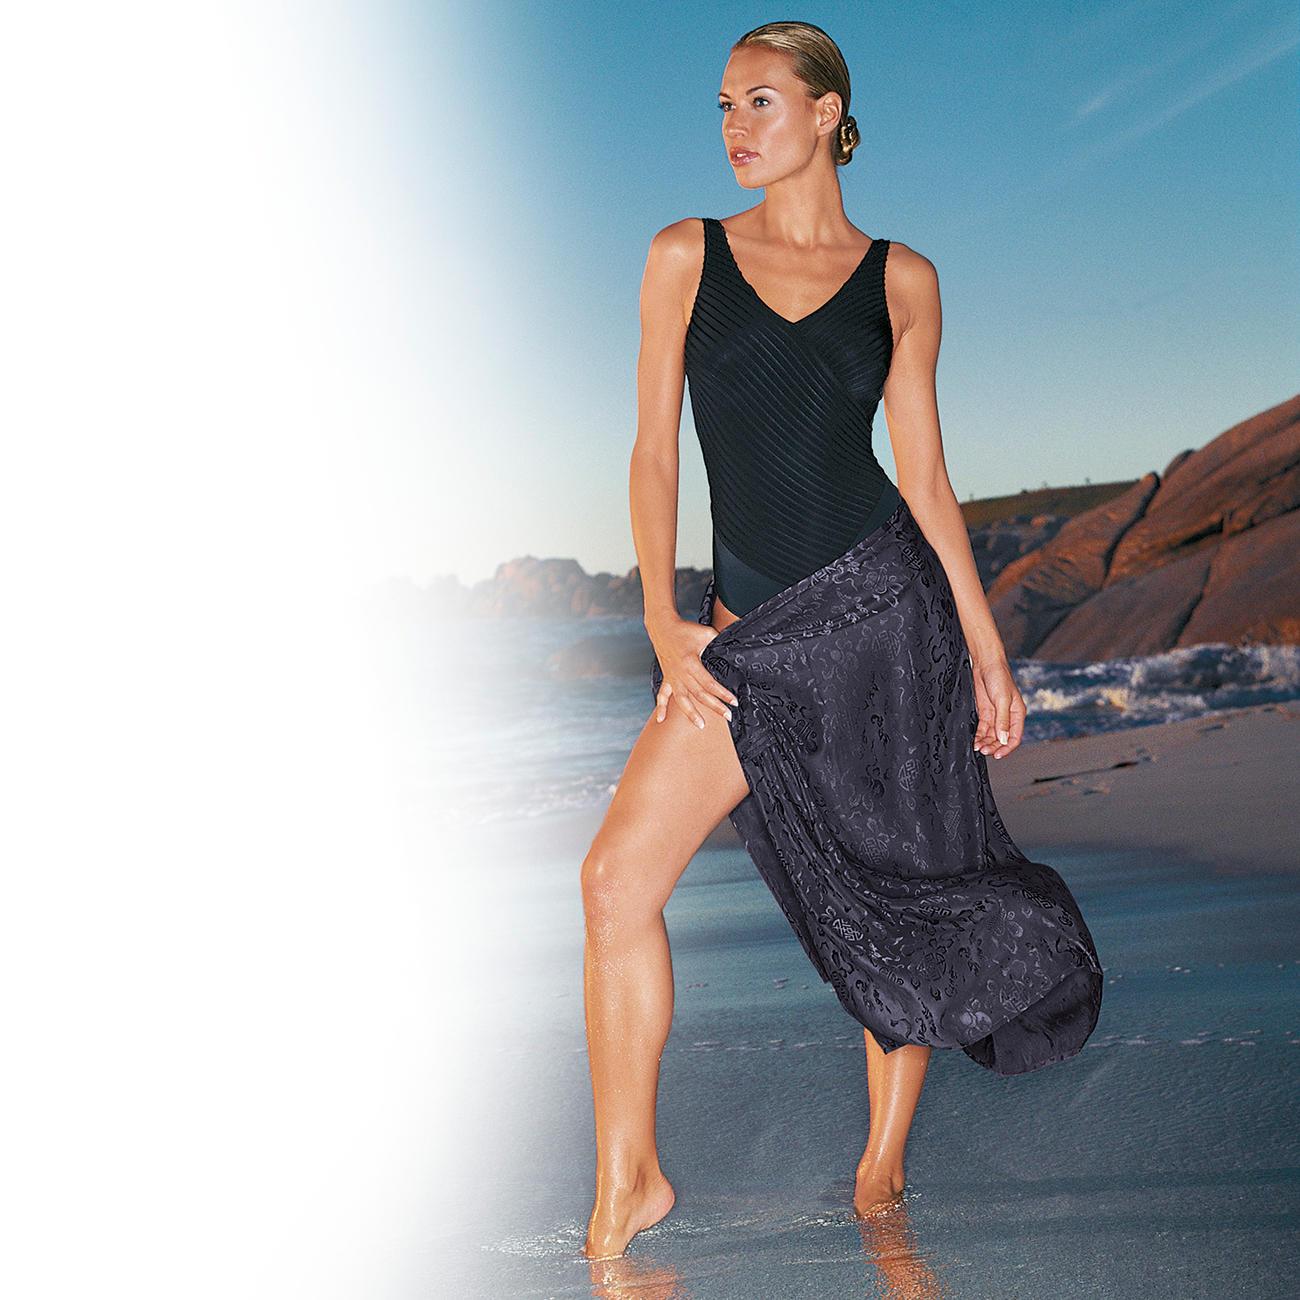 finest selection 9c57e 0e8a7 Schwarzer Badeanzug | Mode-Klassiker entdecken